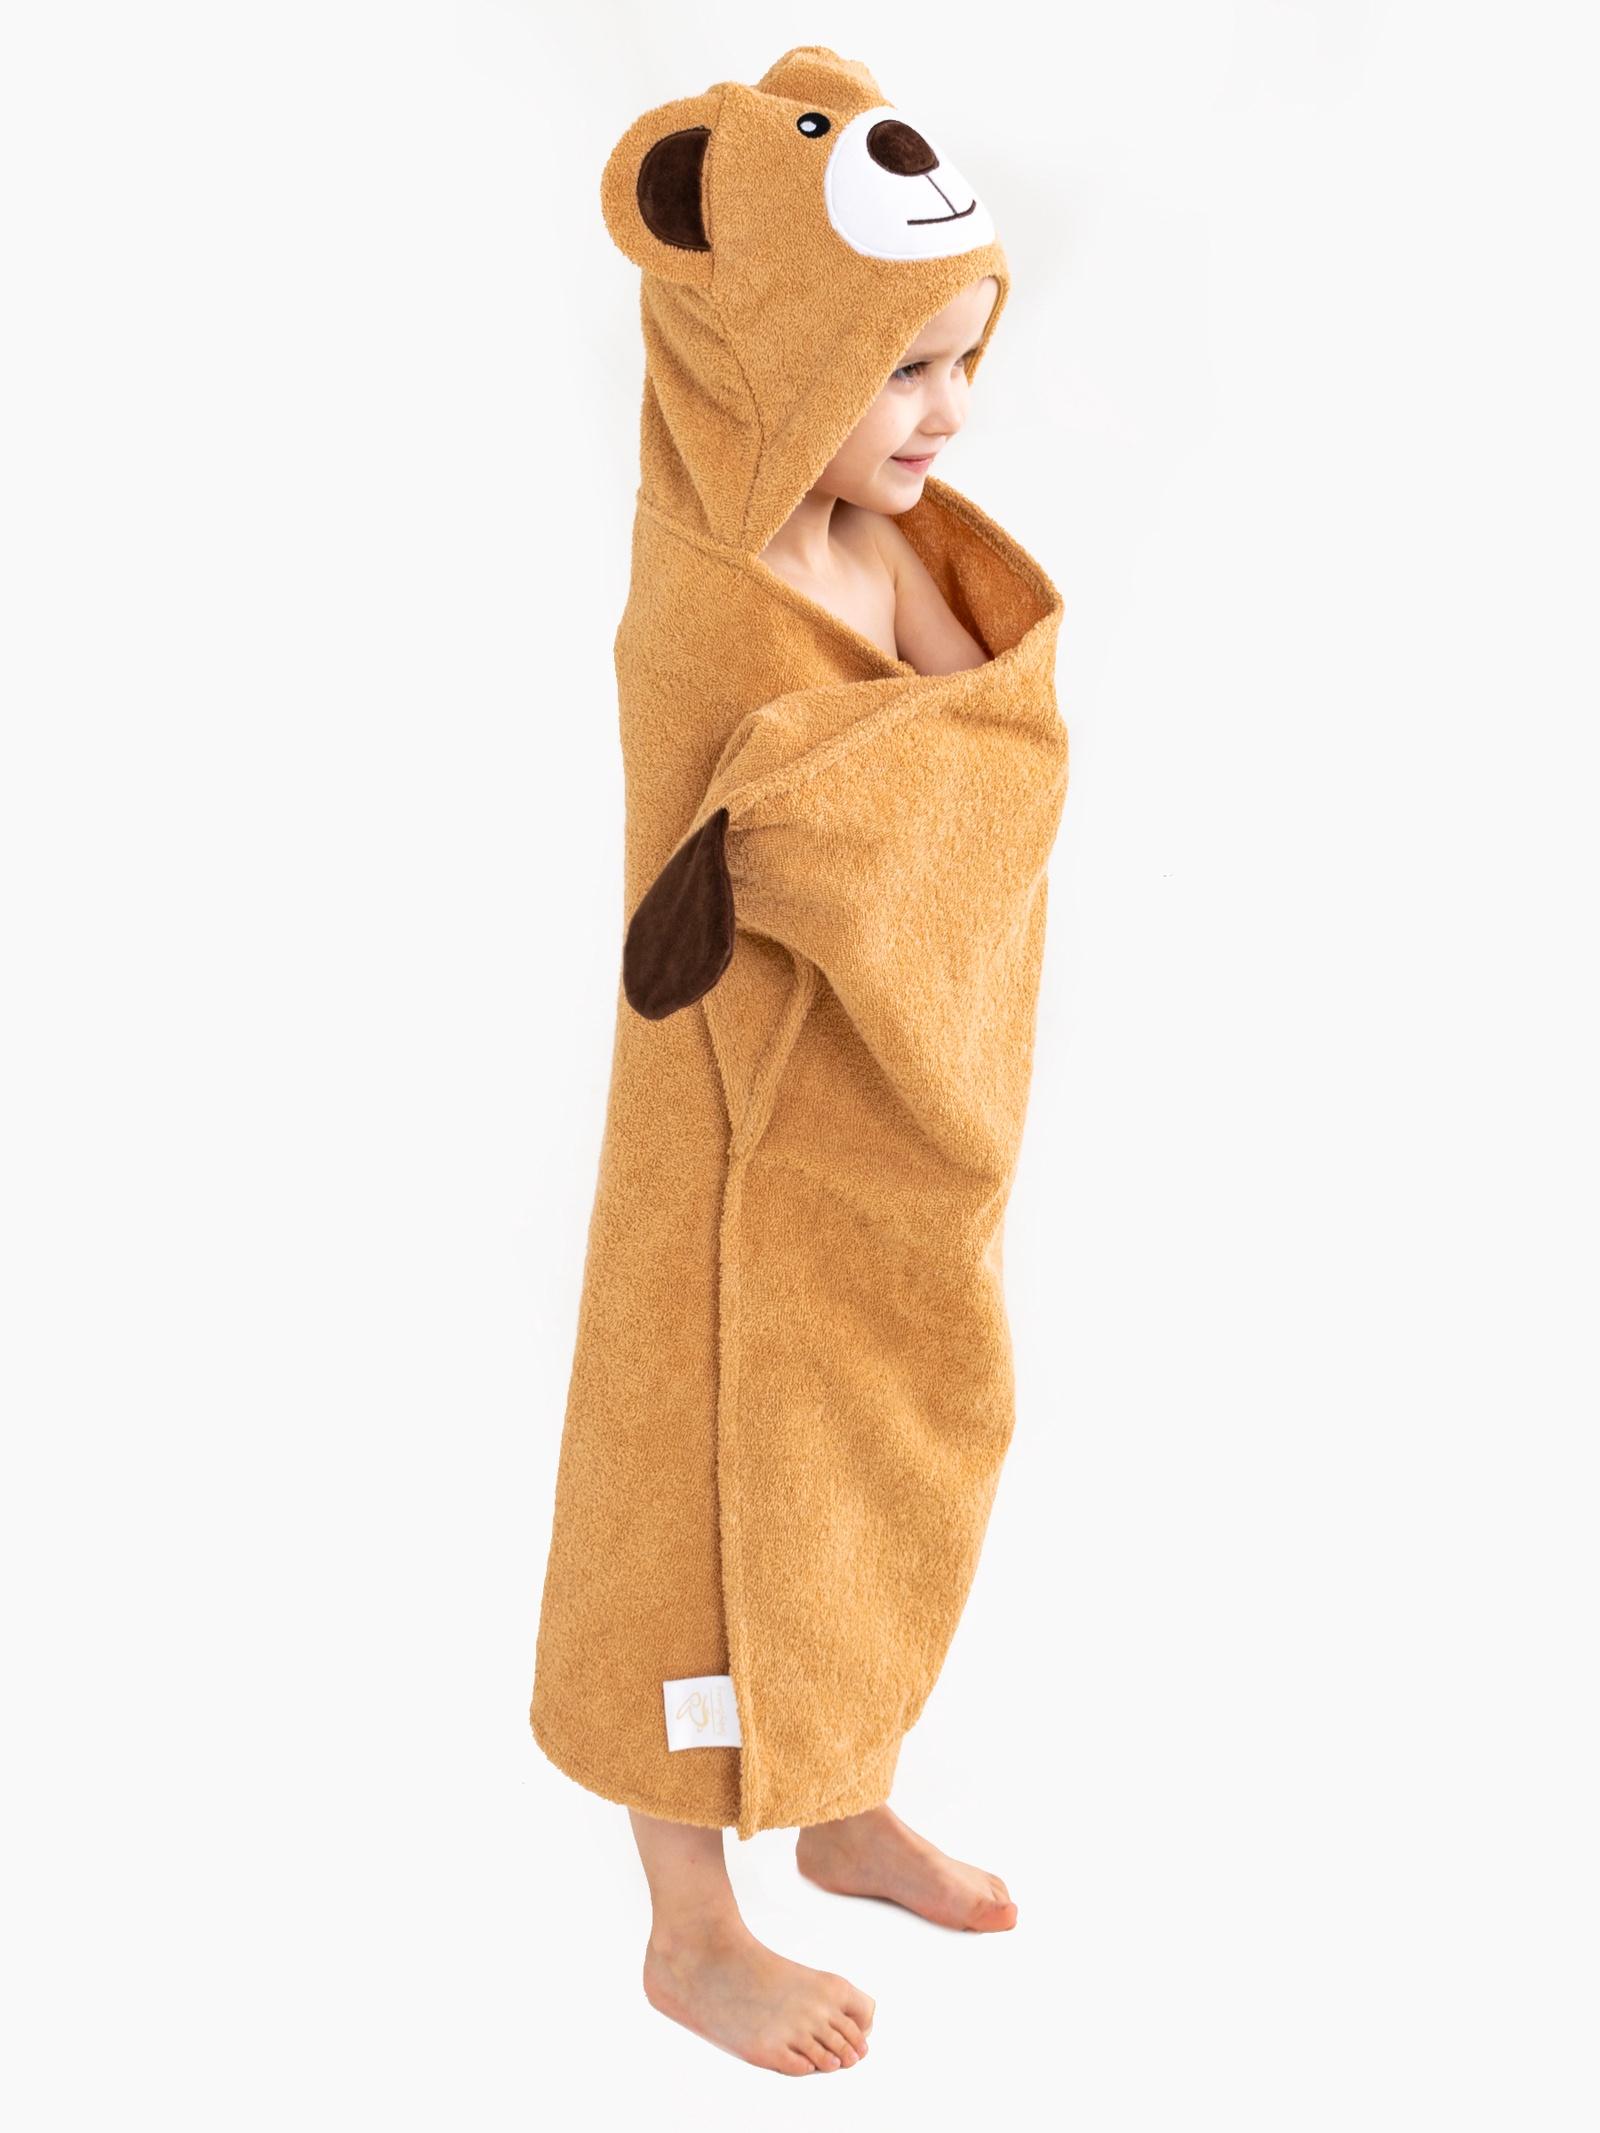 Полотенце с капюшоном BabyBunny - Мишка, коричневый